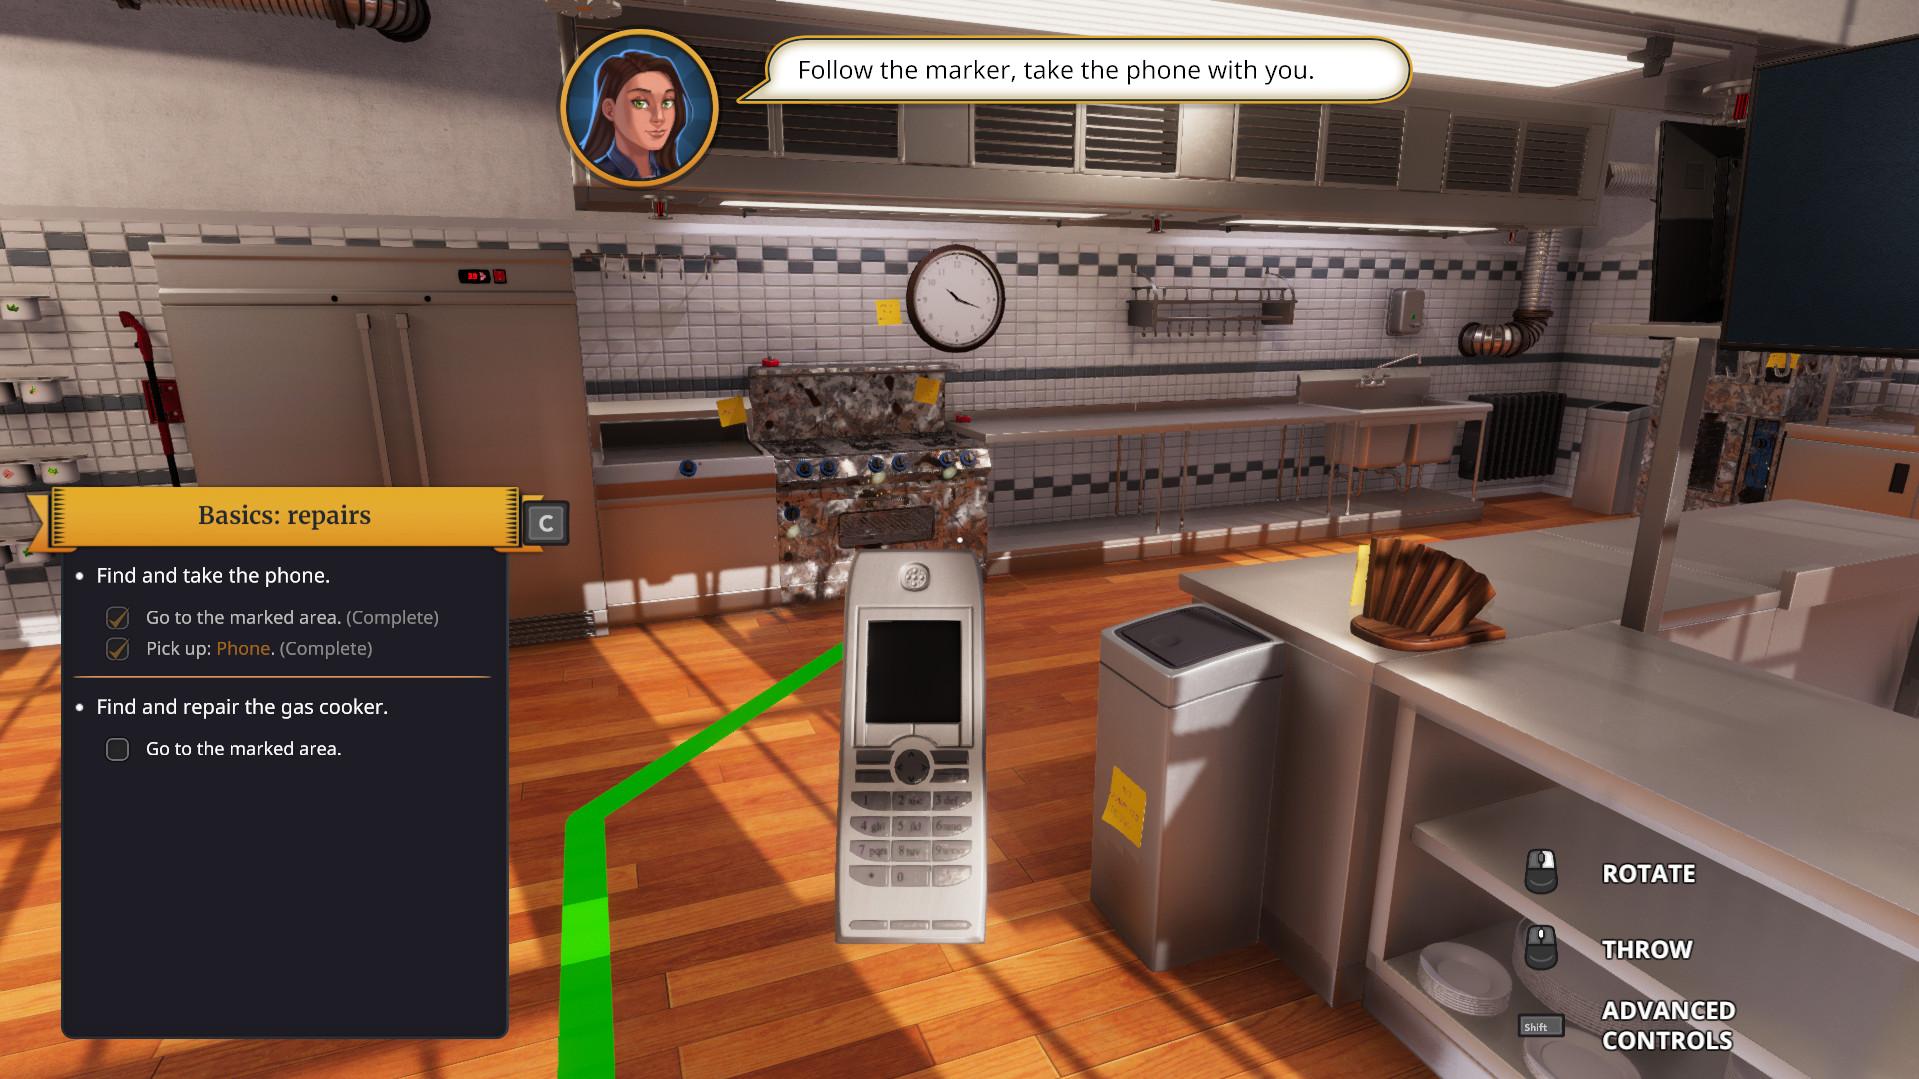 Скриншот Cooking Simulator v1.3.0.13396 скачать торрент бесплатно